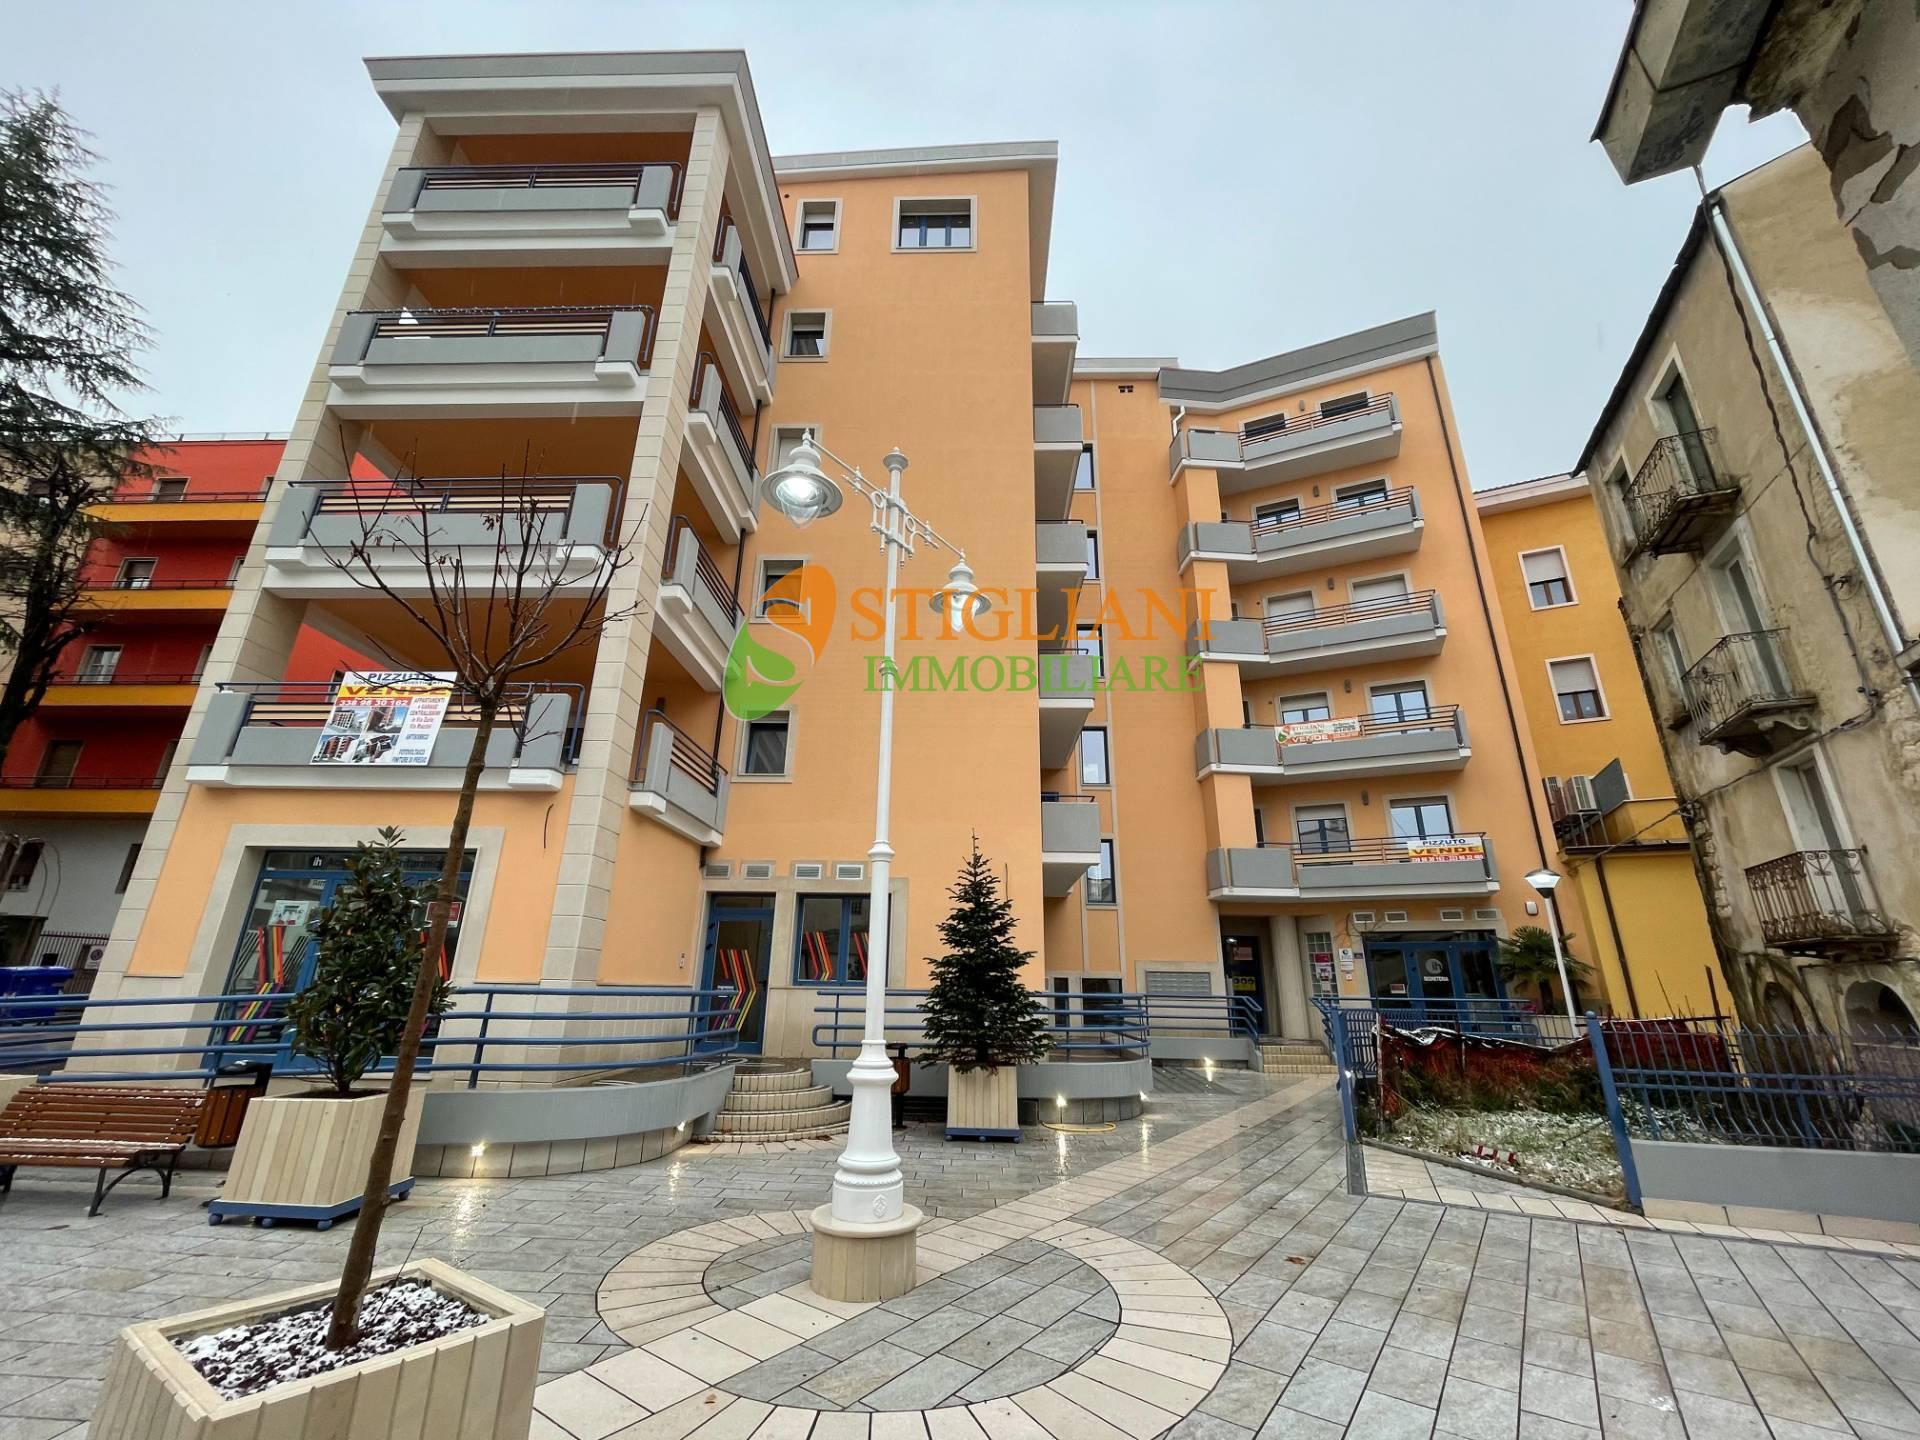 Appartamento in vendita a Campobasso, 2 locali, zona Zona: Centro, prezzo € 139.000 | CambioCasa.it